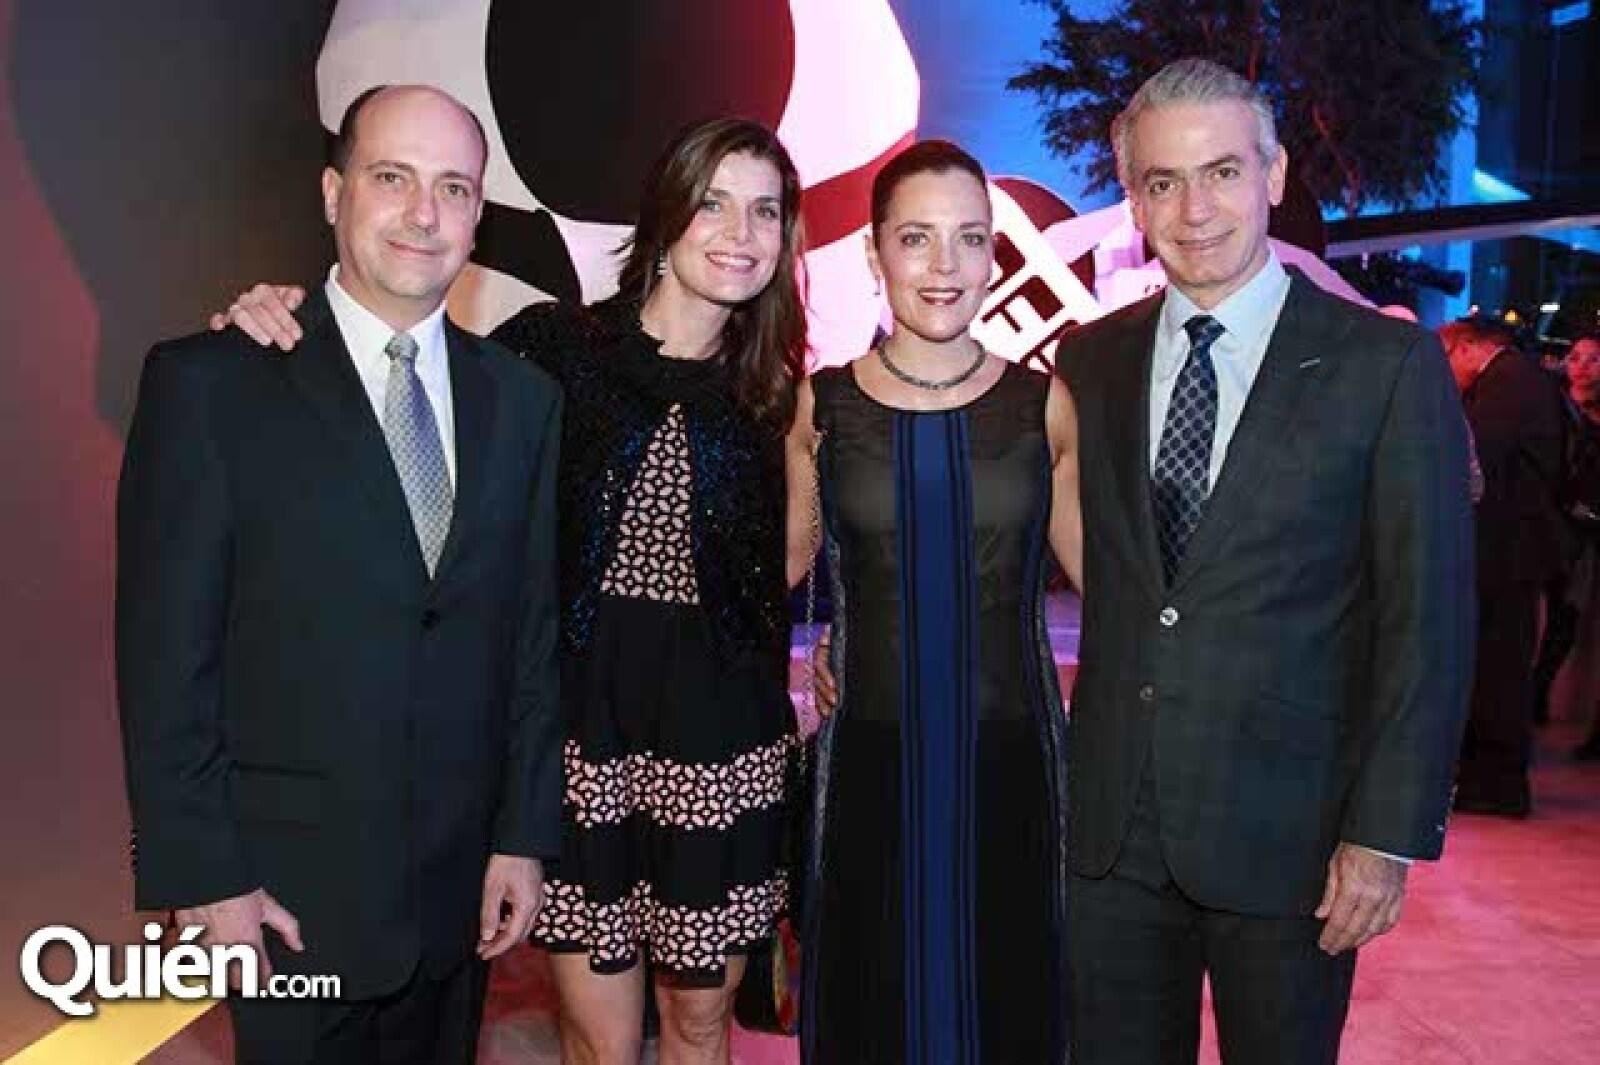 Mariano Domínguez,Ana Mayo,Verónica y Alejandro Vargas